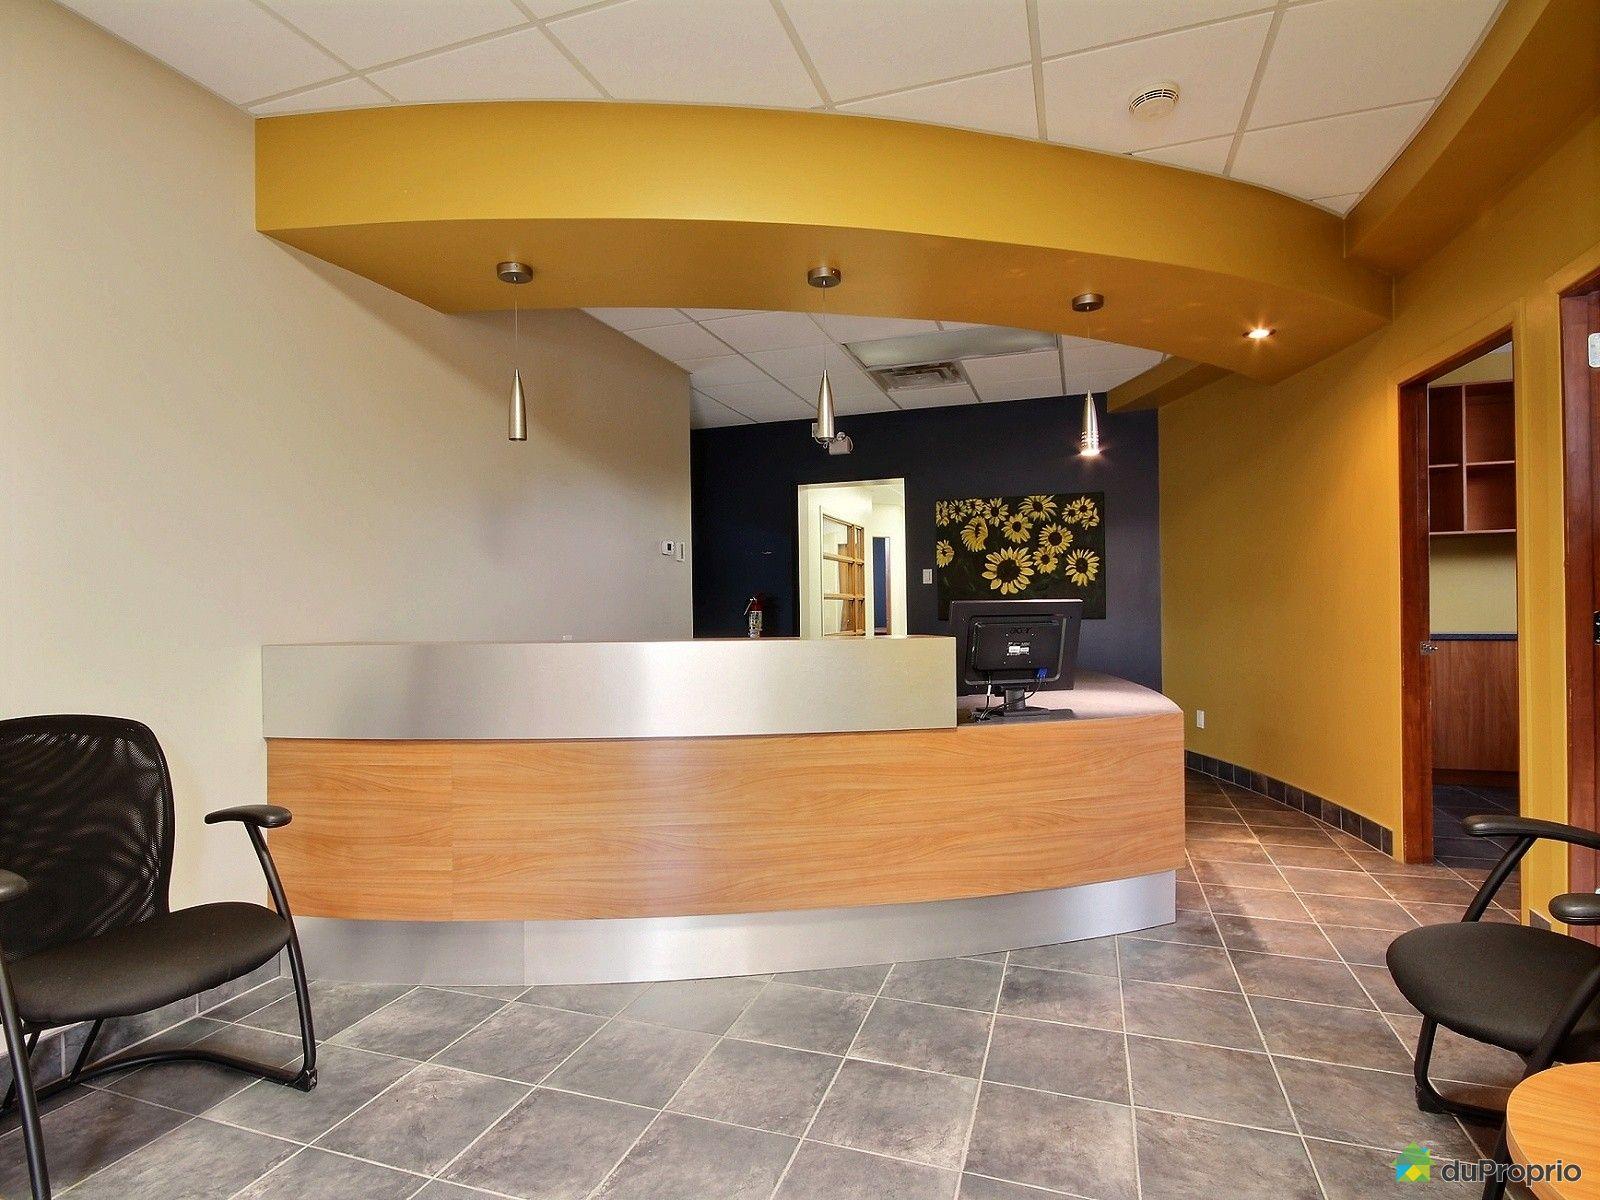 immeuble commercial vendre jonqui re 2395 rue de la m tallurgie immobilier qu bec. Black Bedroom Furniture Sets. Home Design Ideas